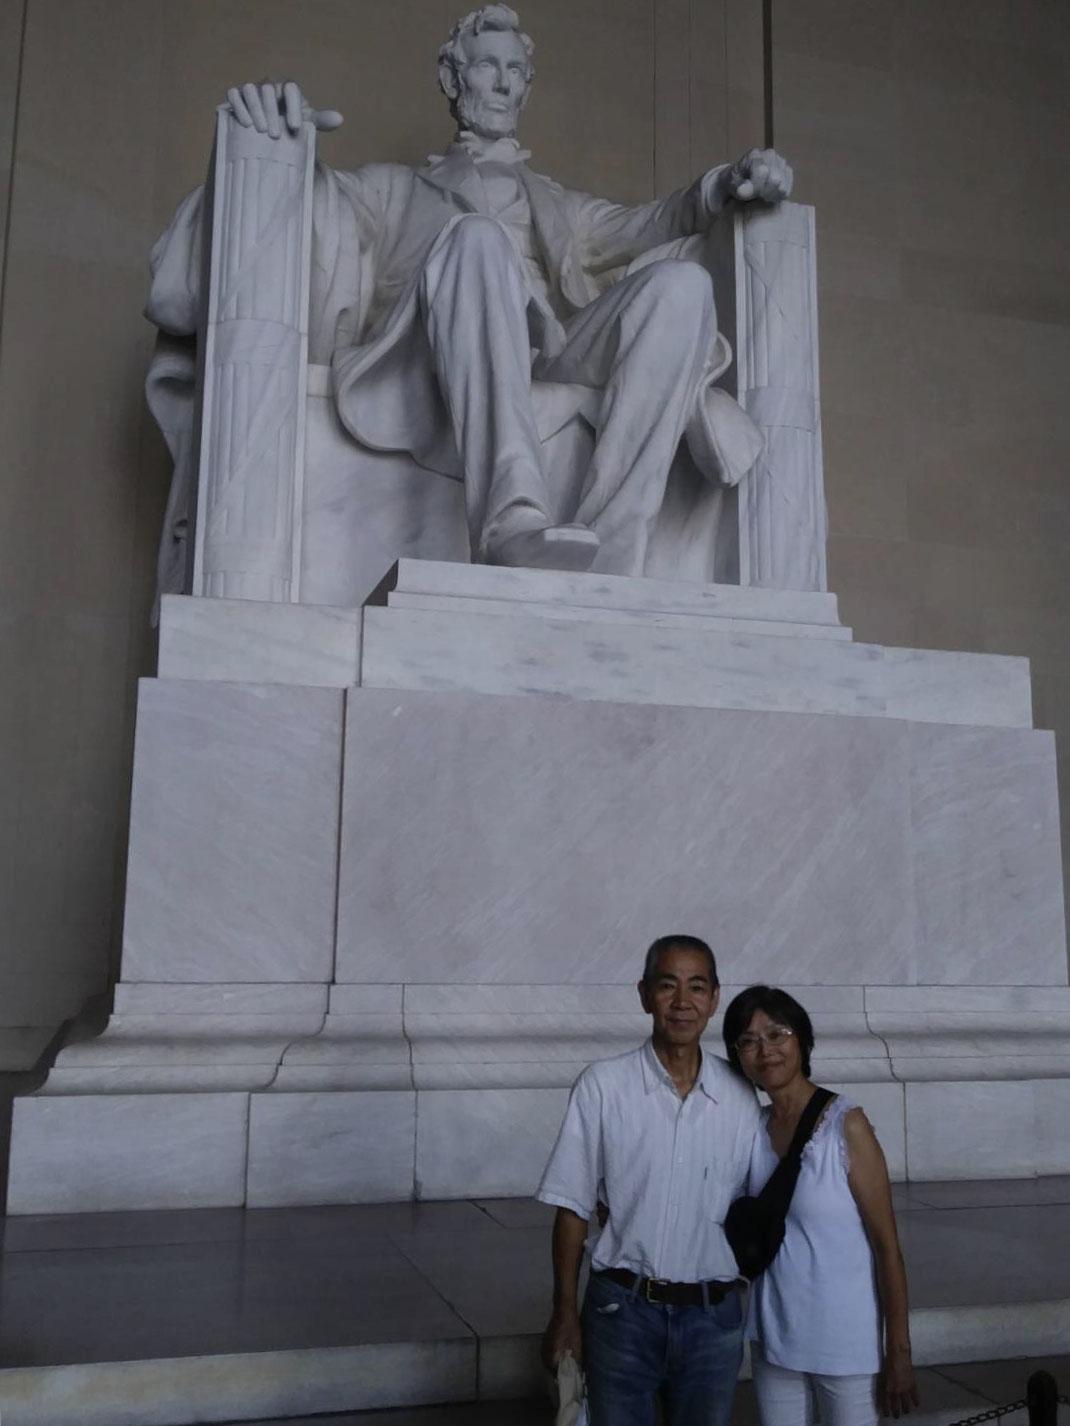 リンカーン大統領の銅像